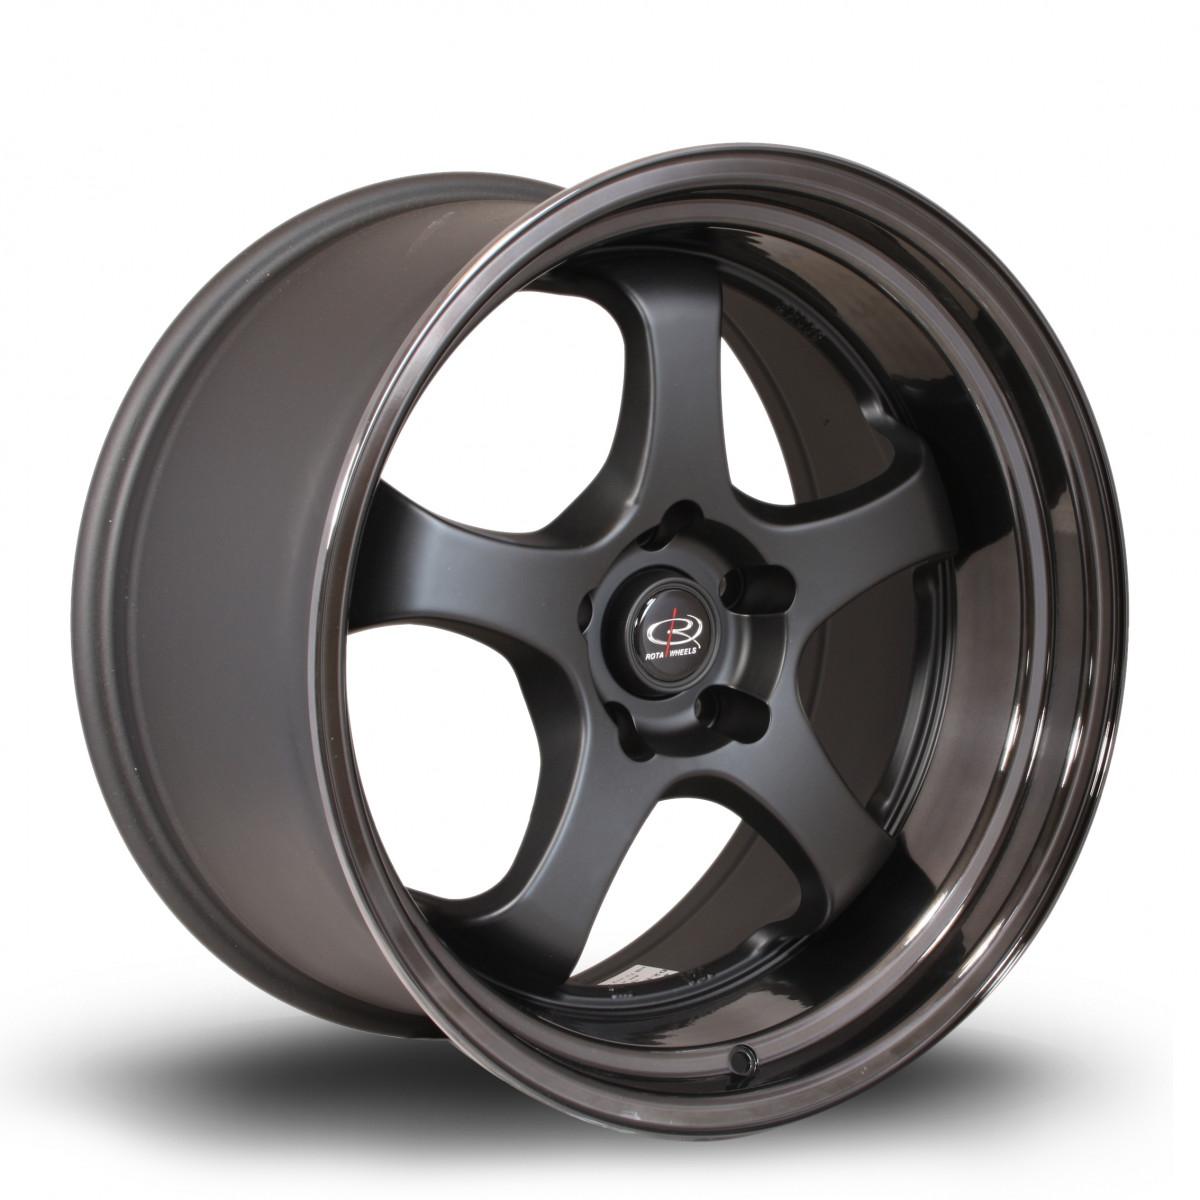 D2EX 18x10 5x114 ET12 Flat Black with Gloss Black Lip